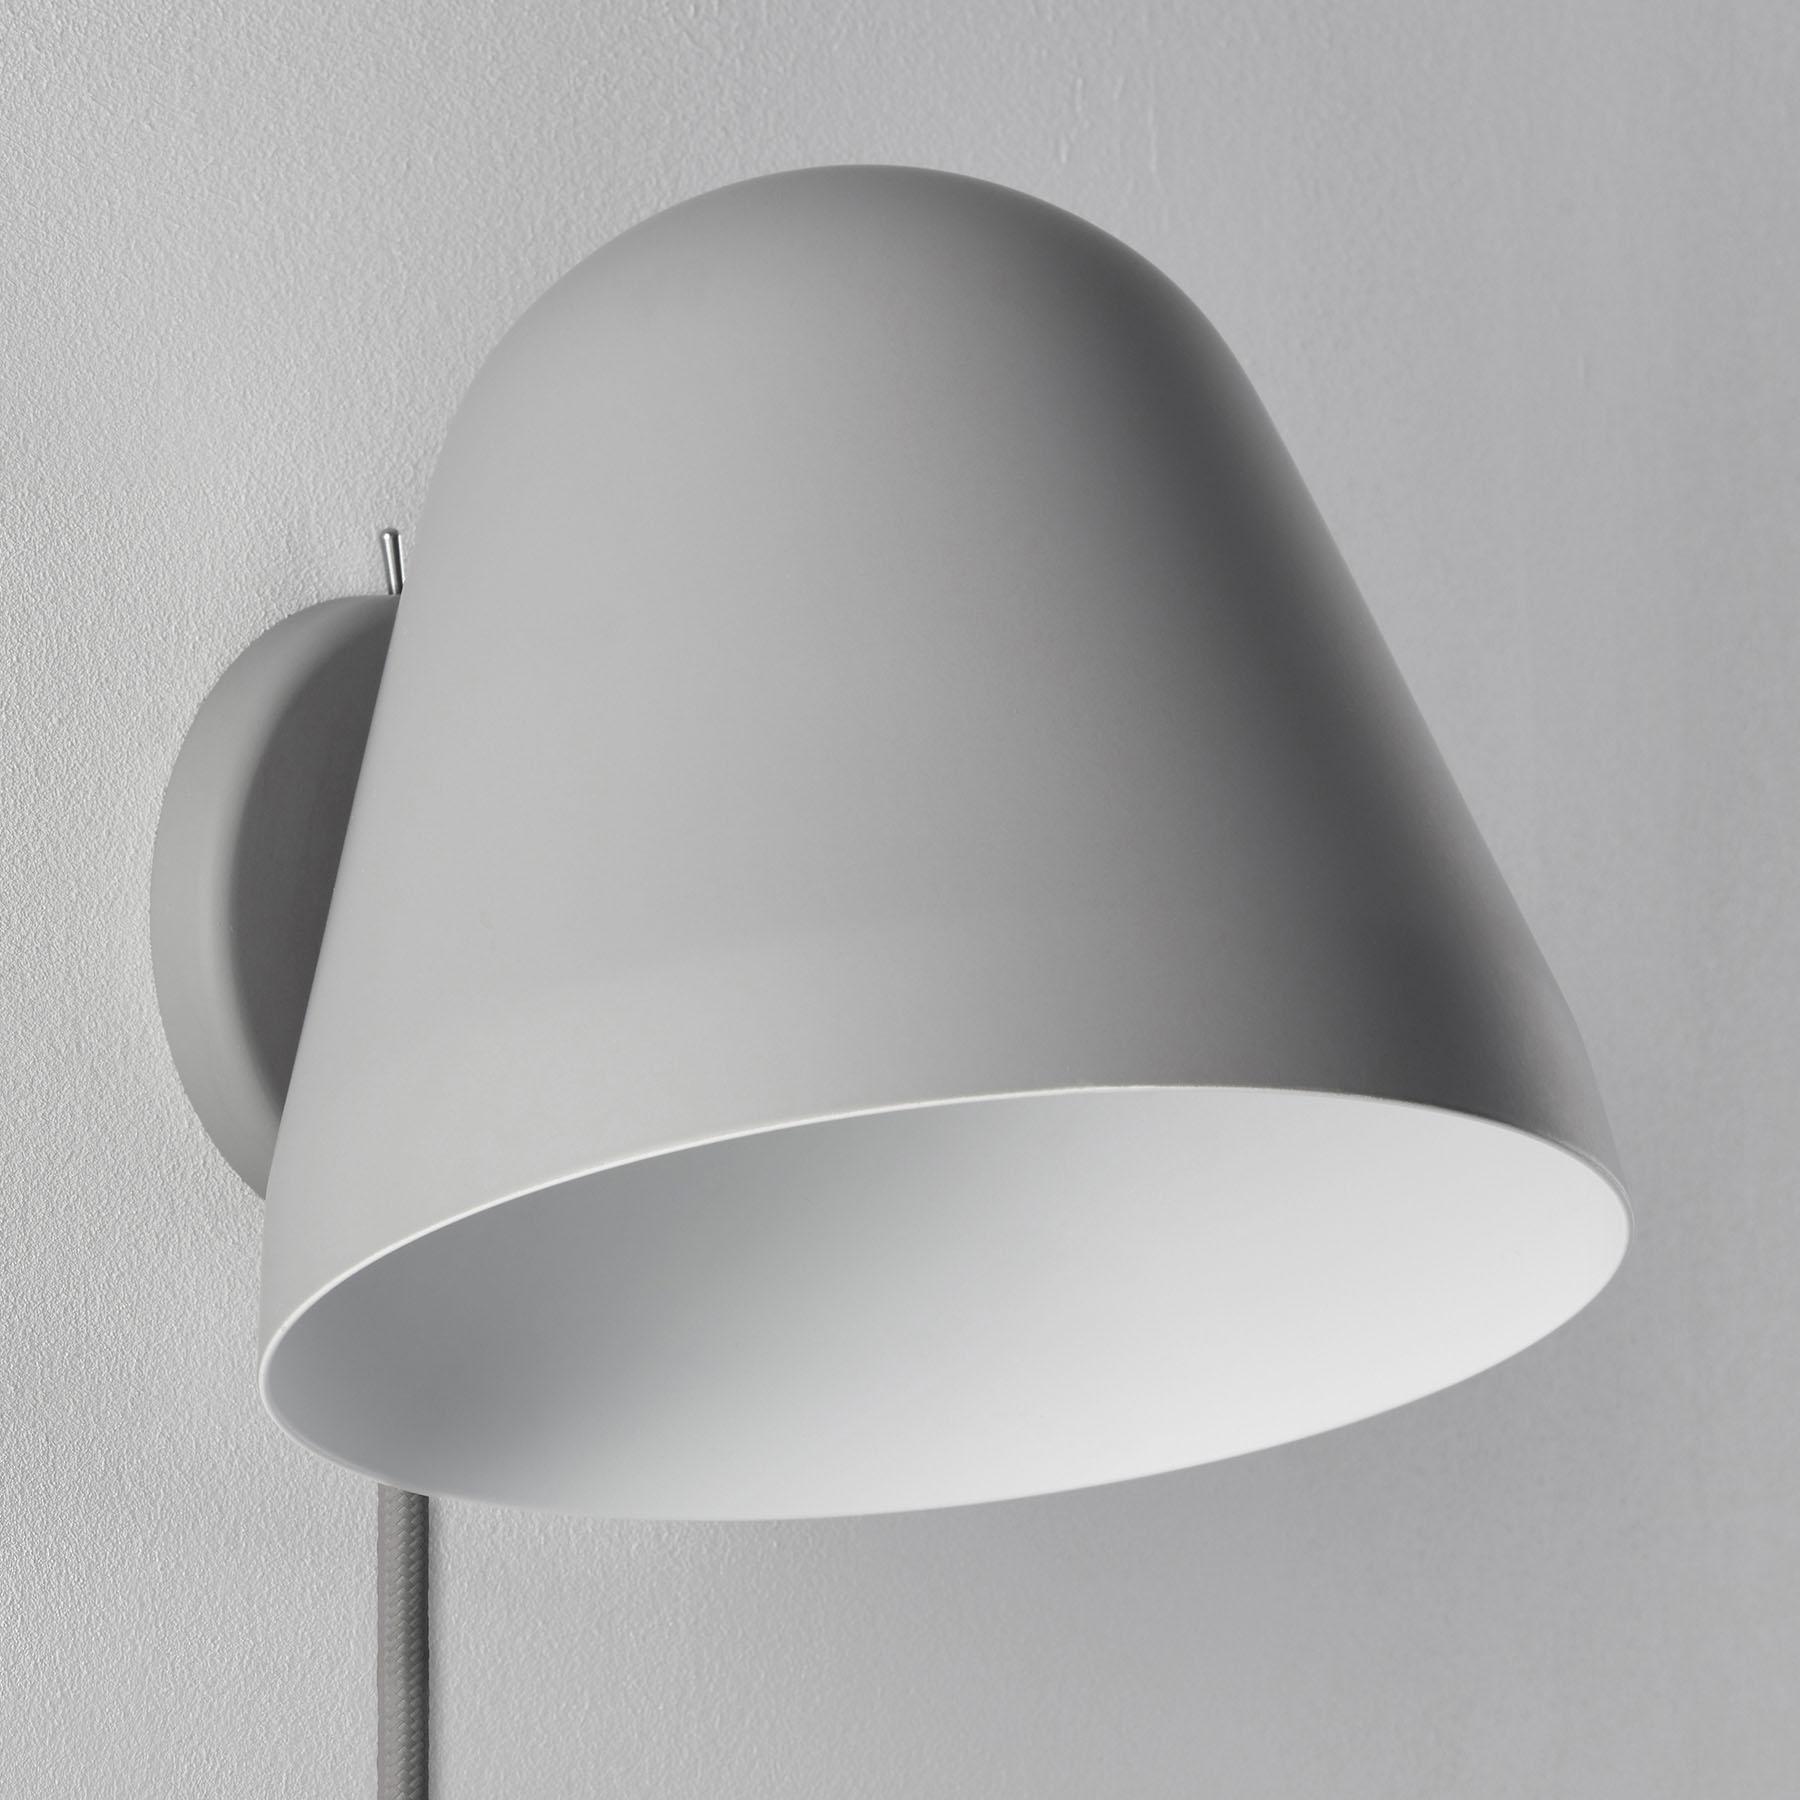 Nyta Tilt Wall Short wandlamp met kabel, grijs